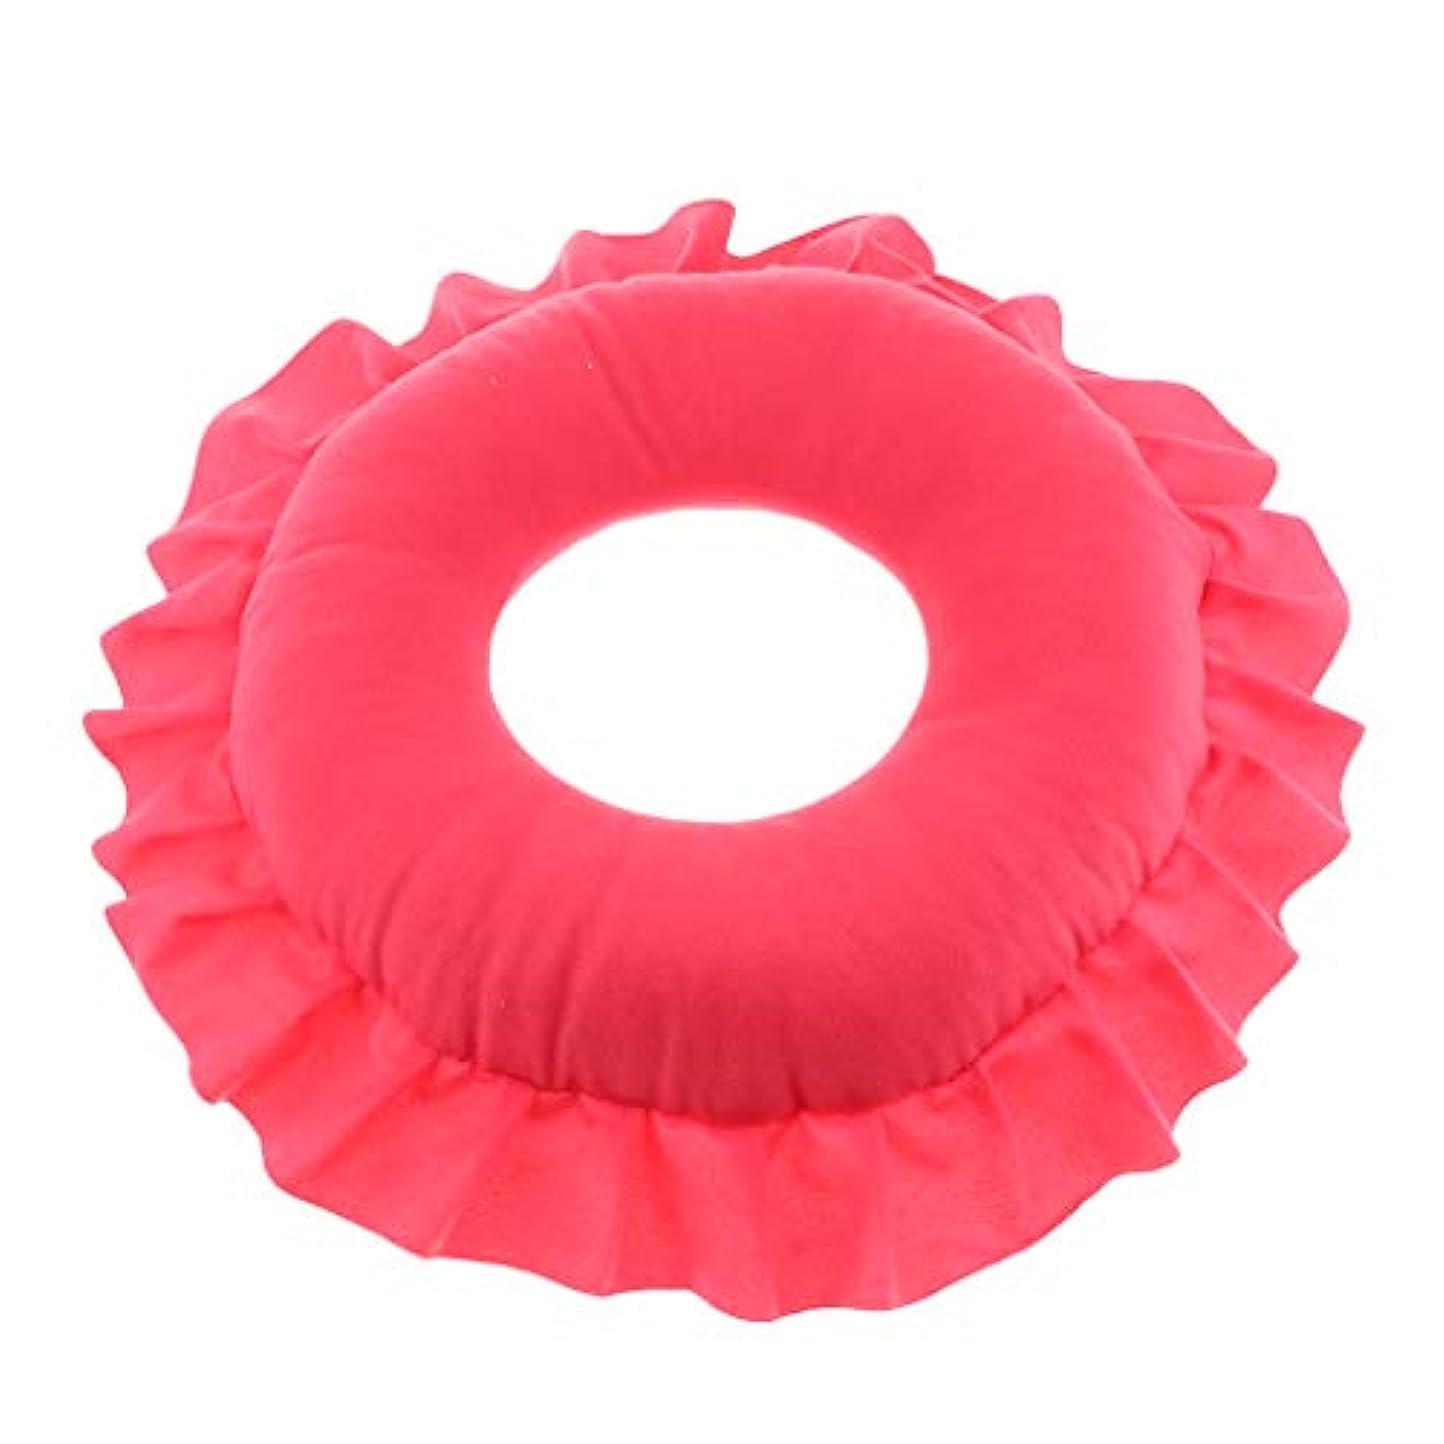 面白いテスト以上全4色 フェイスピロー 顔枕 マッサージピロー クッション 美容院 快適 洗える 実用的 - 赤